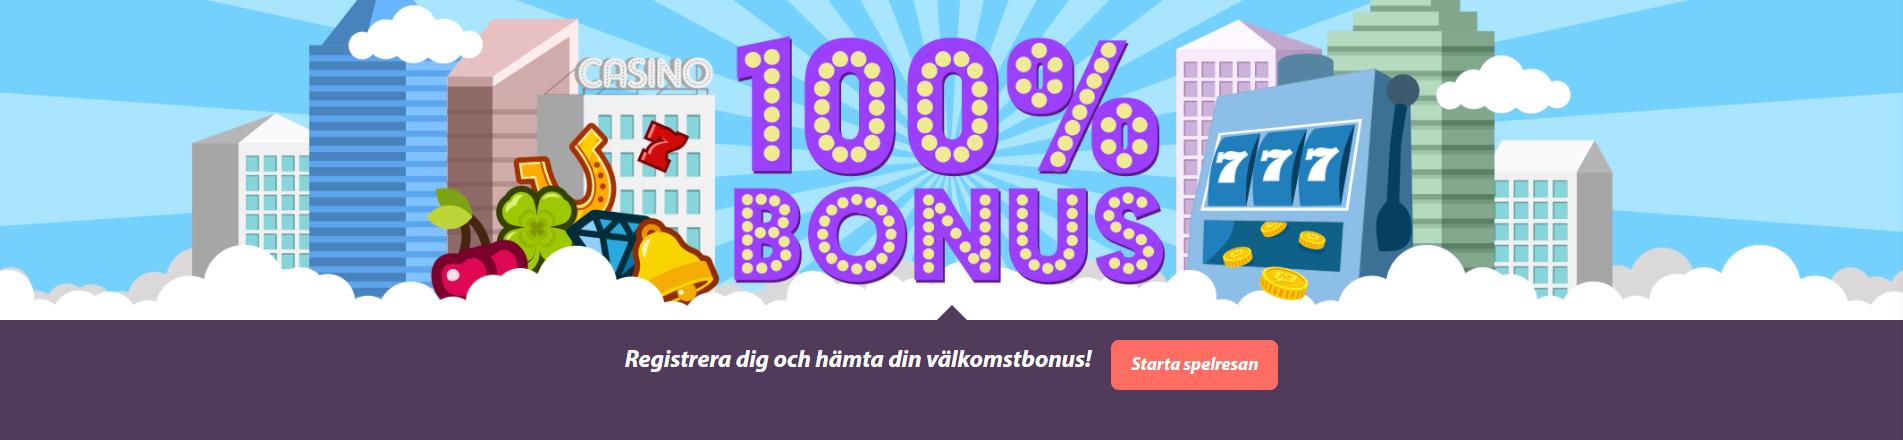 Mama Mia Casino Content Images - Sweden CasinoTop